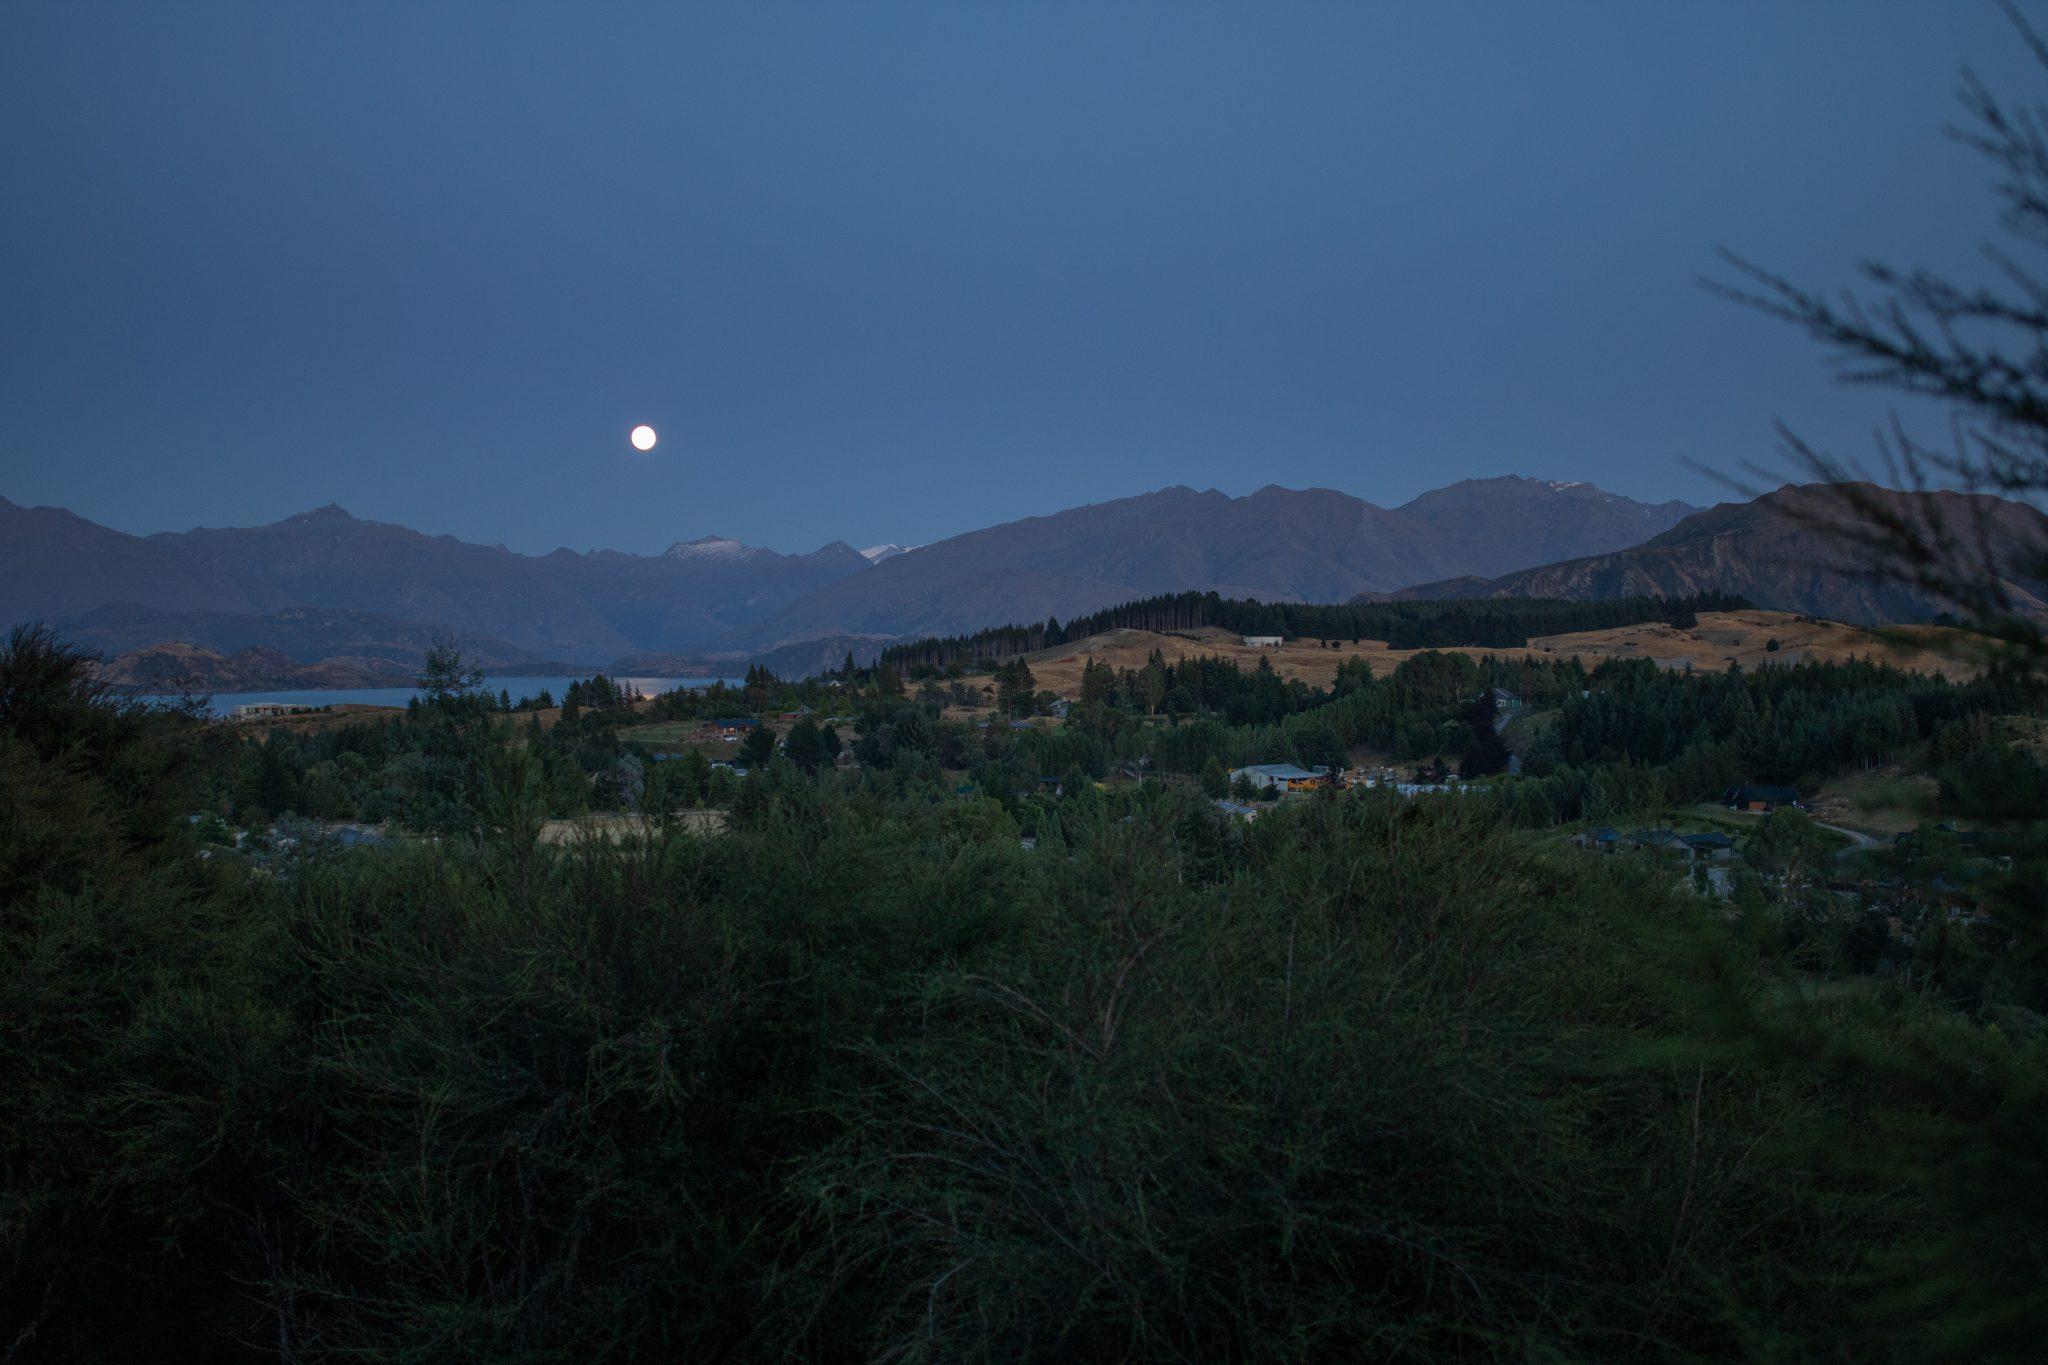 Wanaka Airbnb view at night